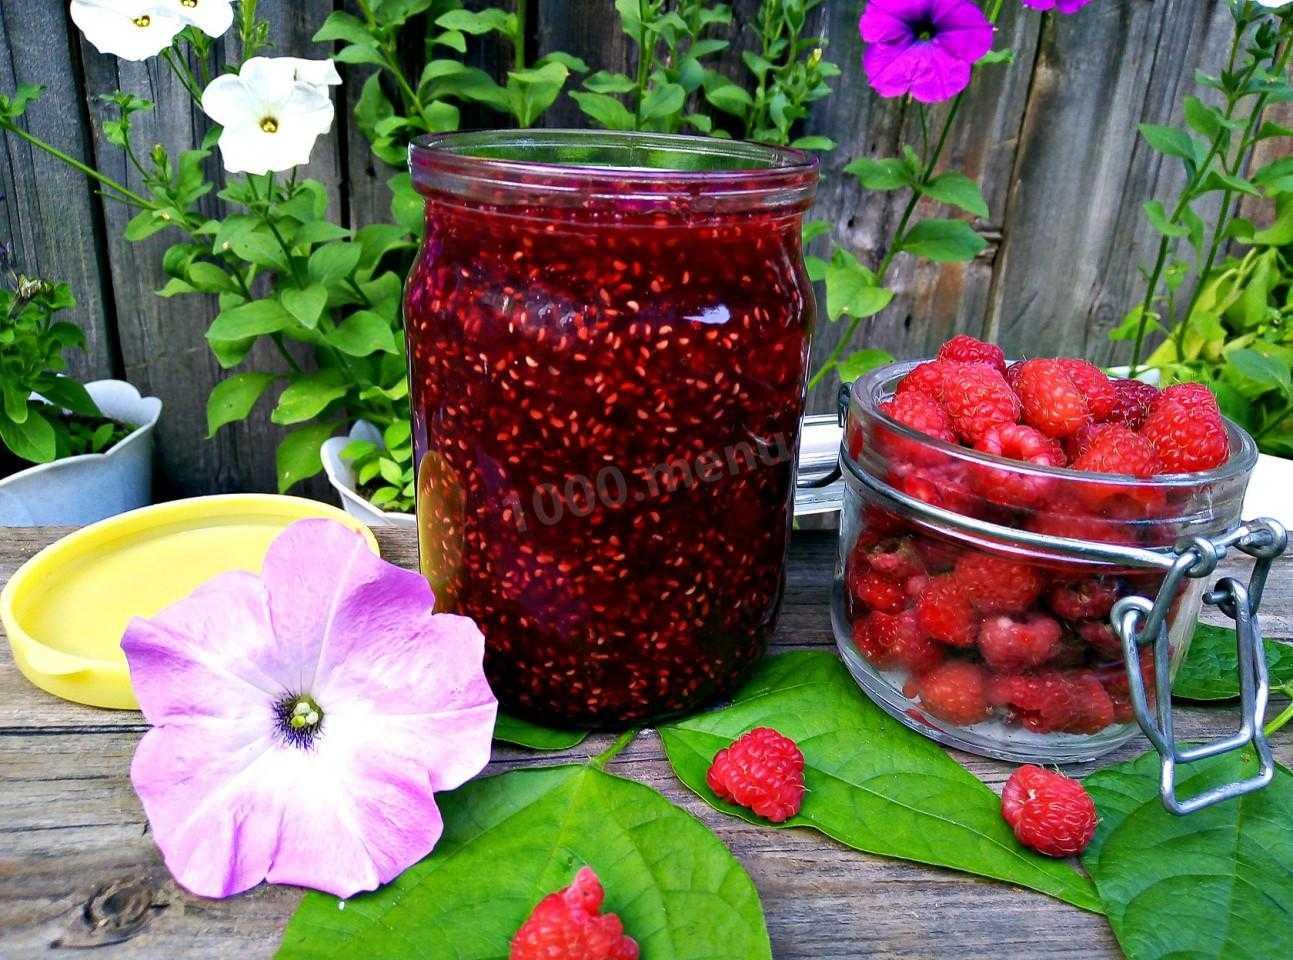 Варенье из малины пятиминутка - простое, в мультиварке, густое, без варки, как желе - рецепты с фото